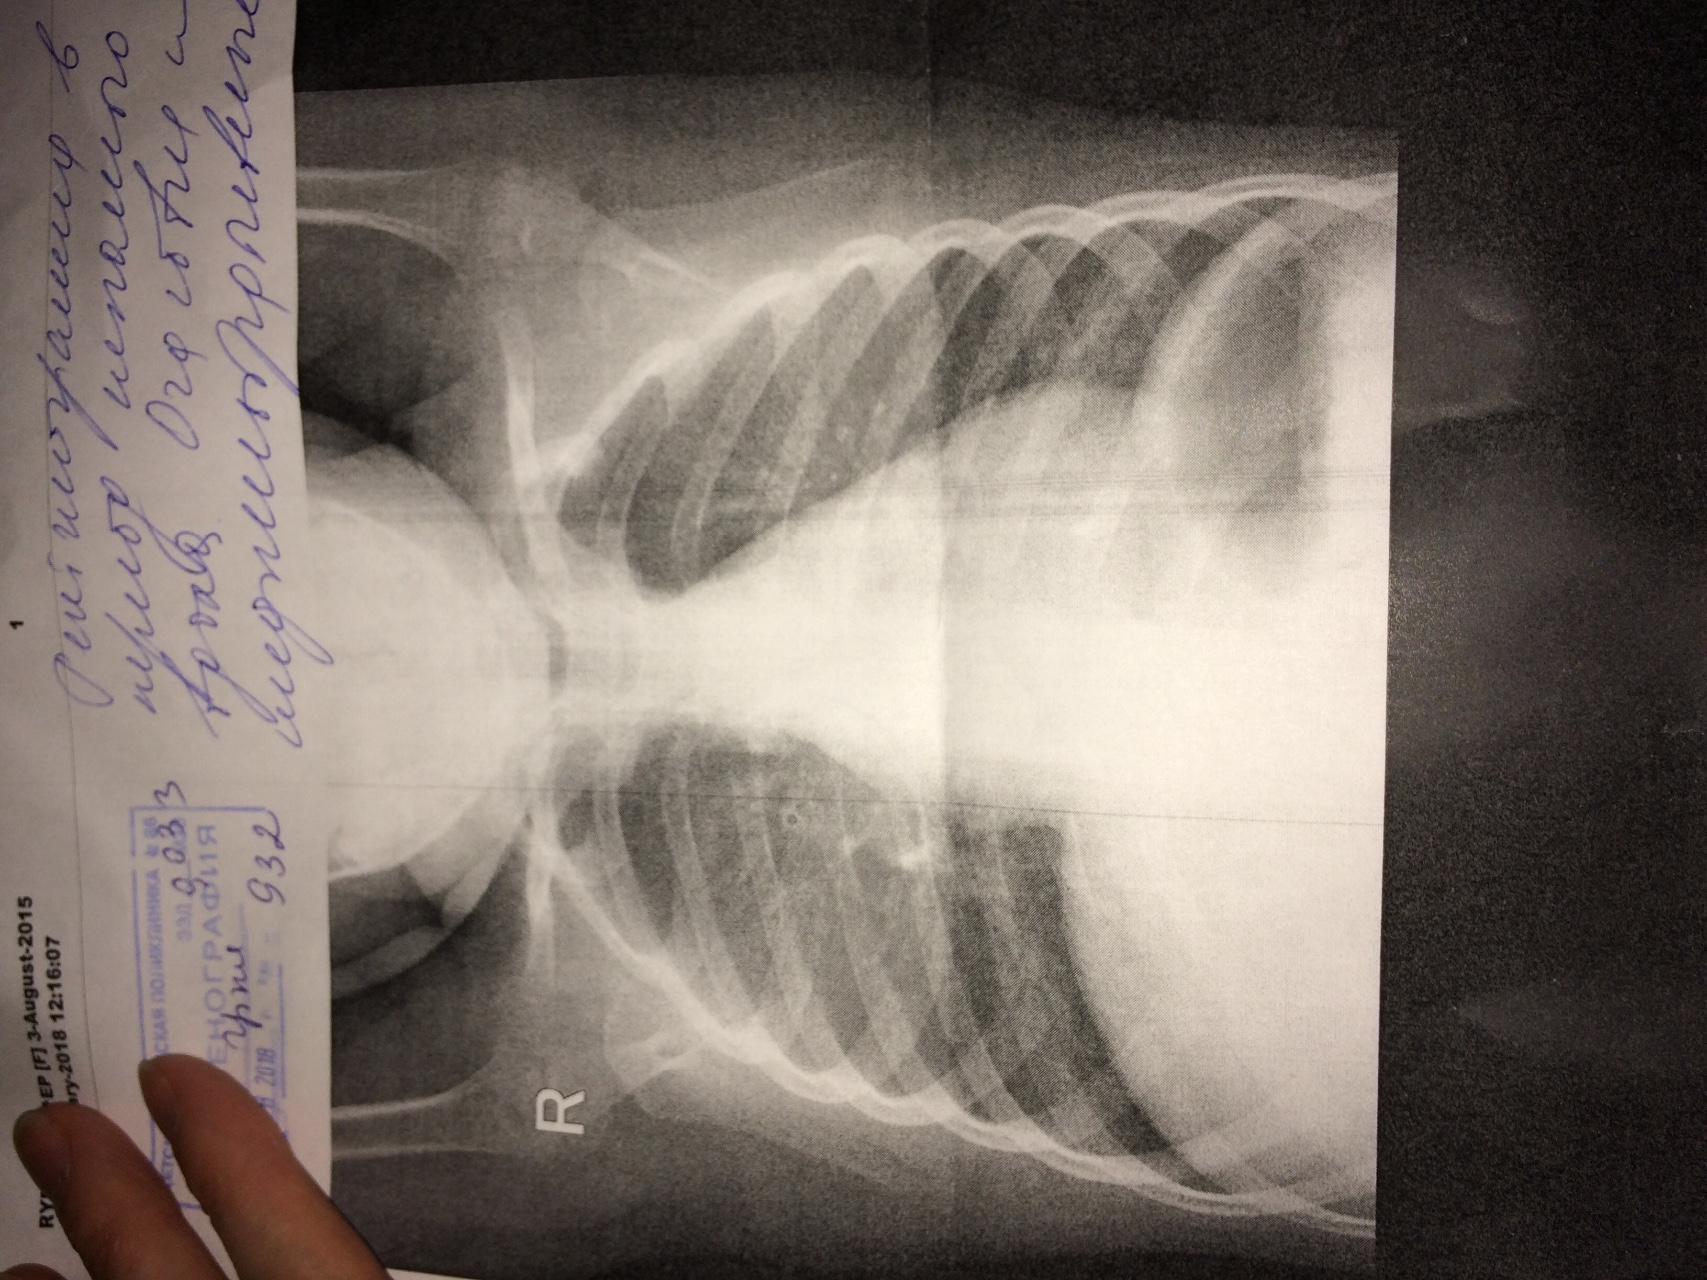 Как выглядит фото рентгена легких у ребенка